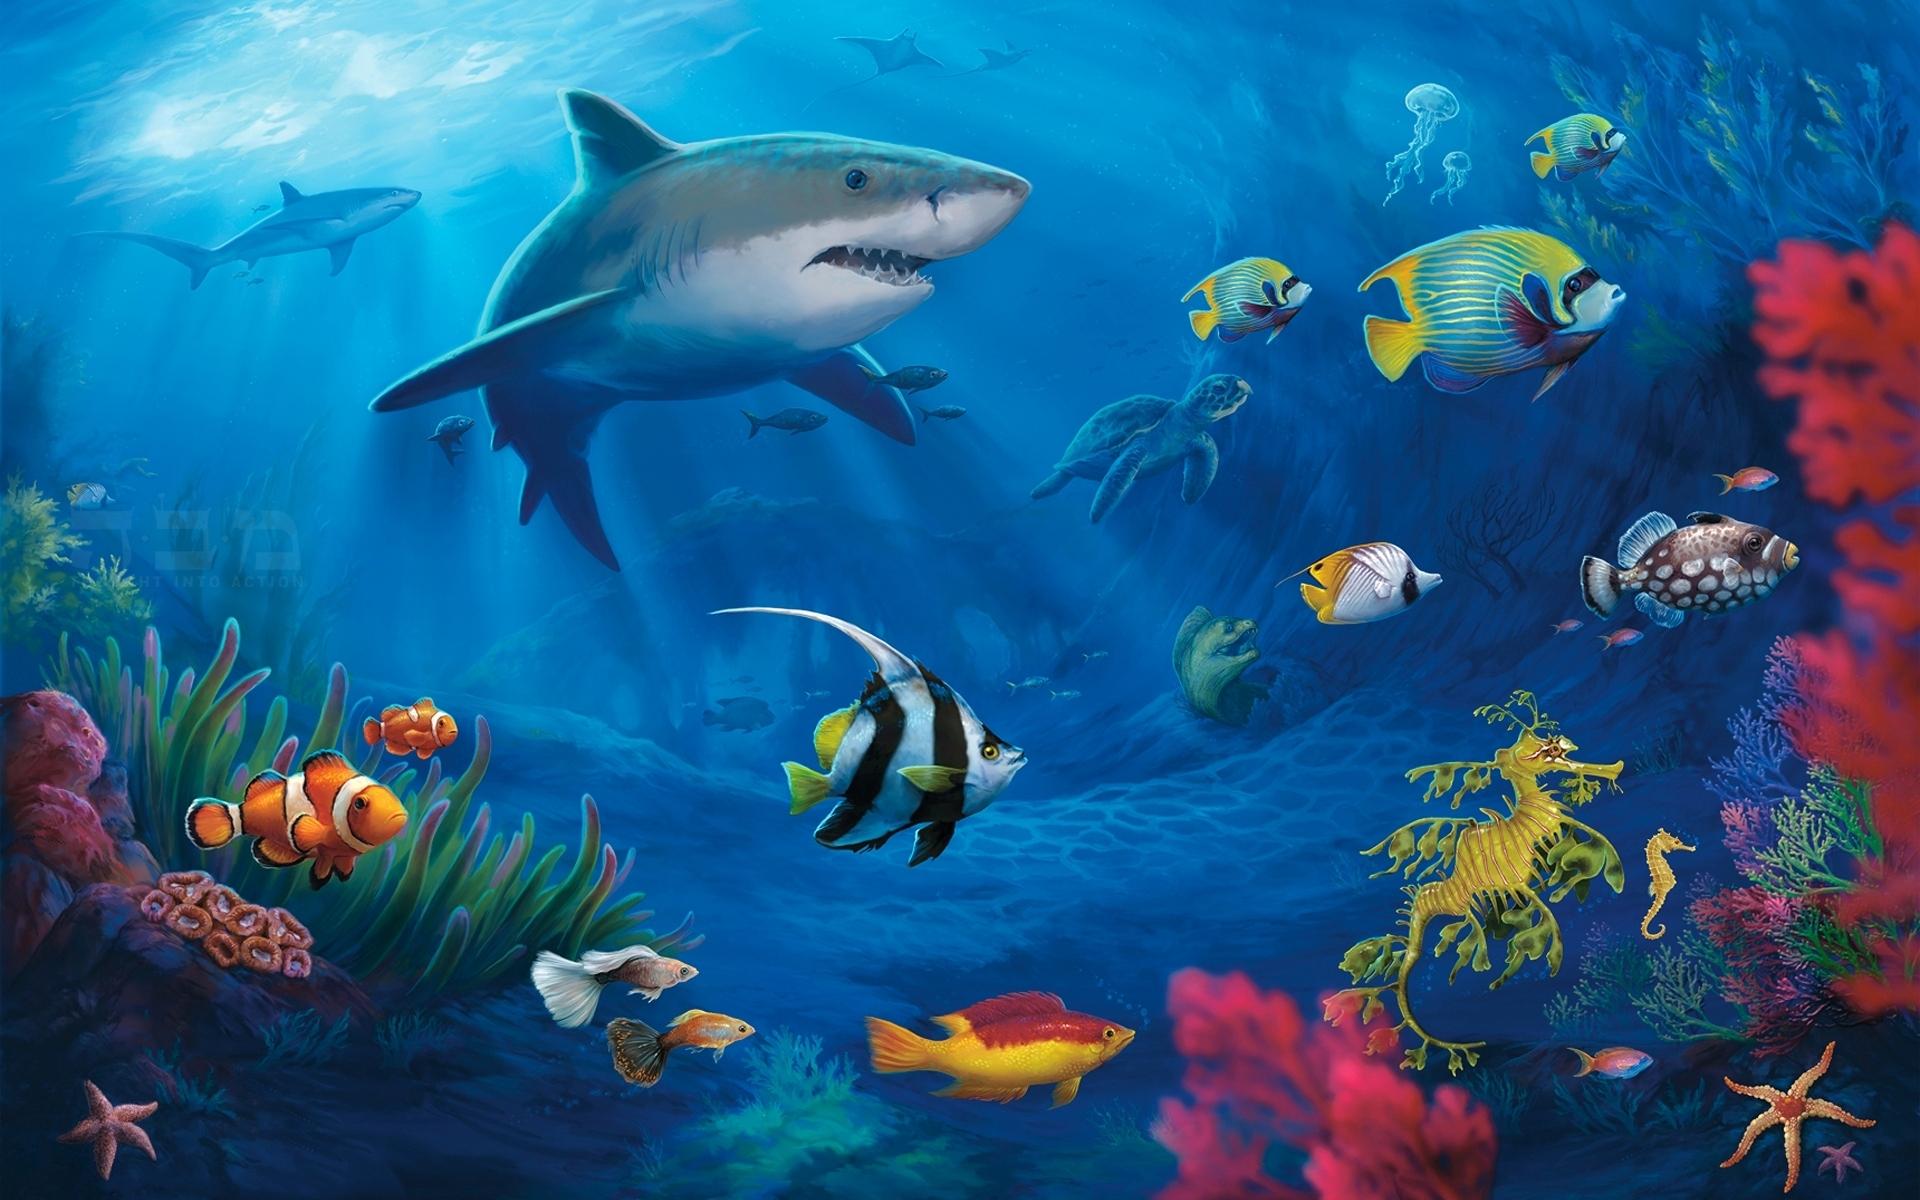 1920 x 1200 - 1175k - jpg 5982 Underwater World ...